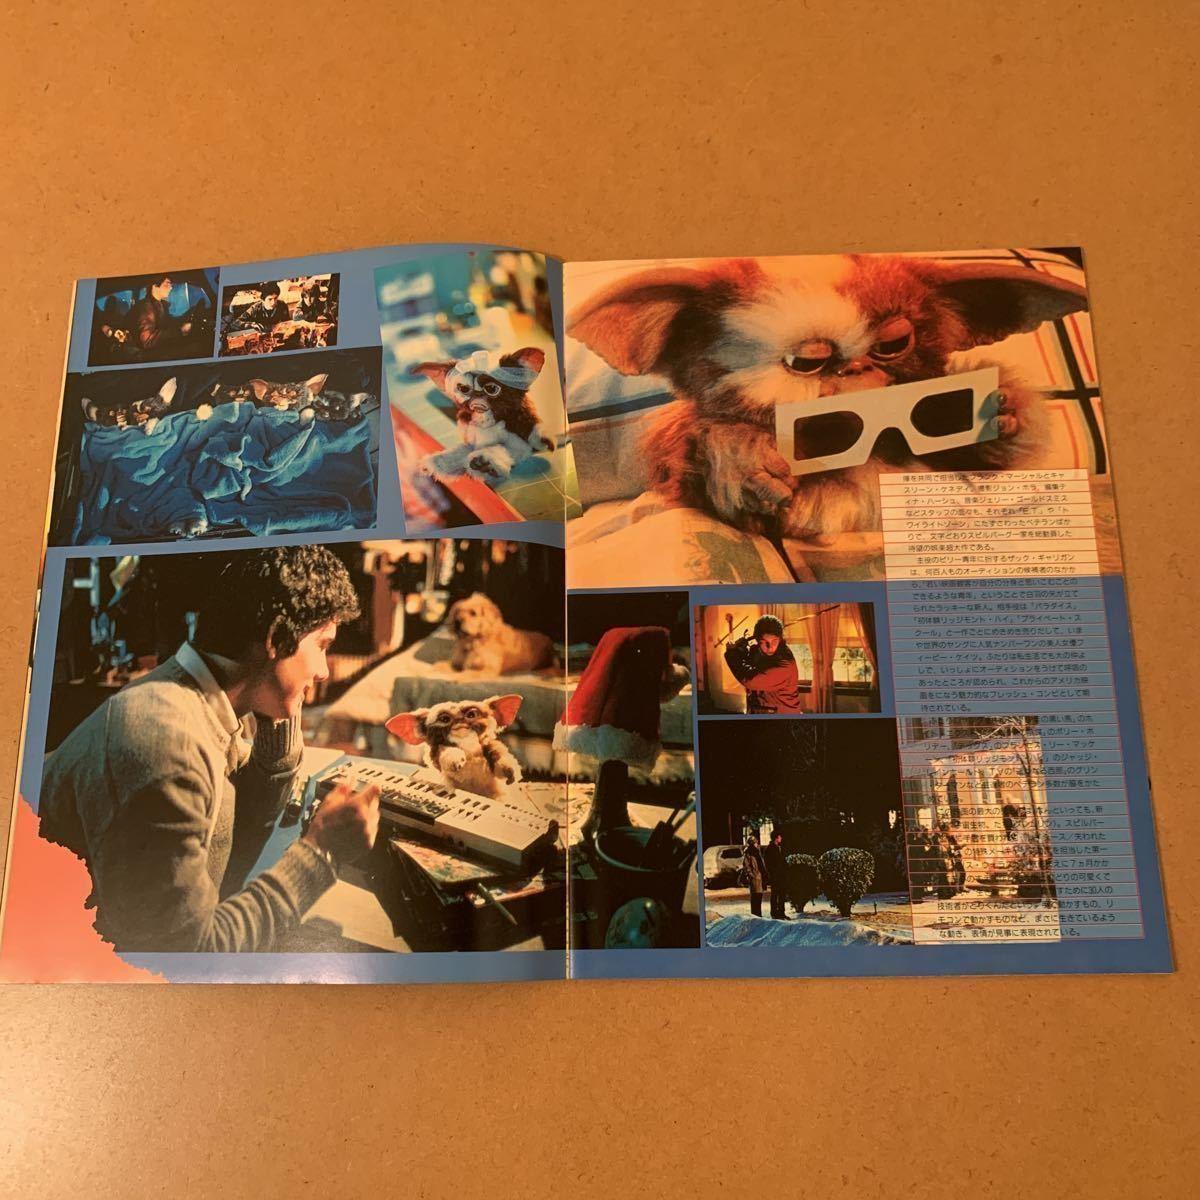 【映画パンフレット】『グレムリン』1984年公開作品 製作総指揮 スティーブン・スピルバーグ_画像3